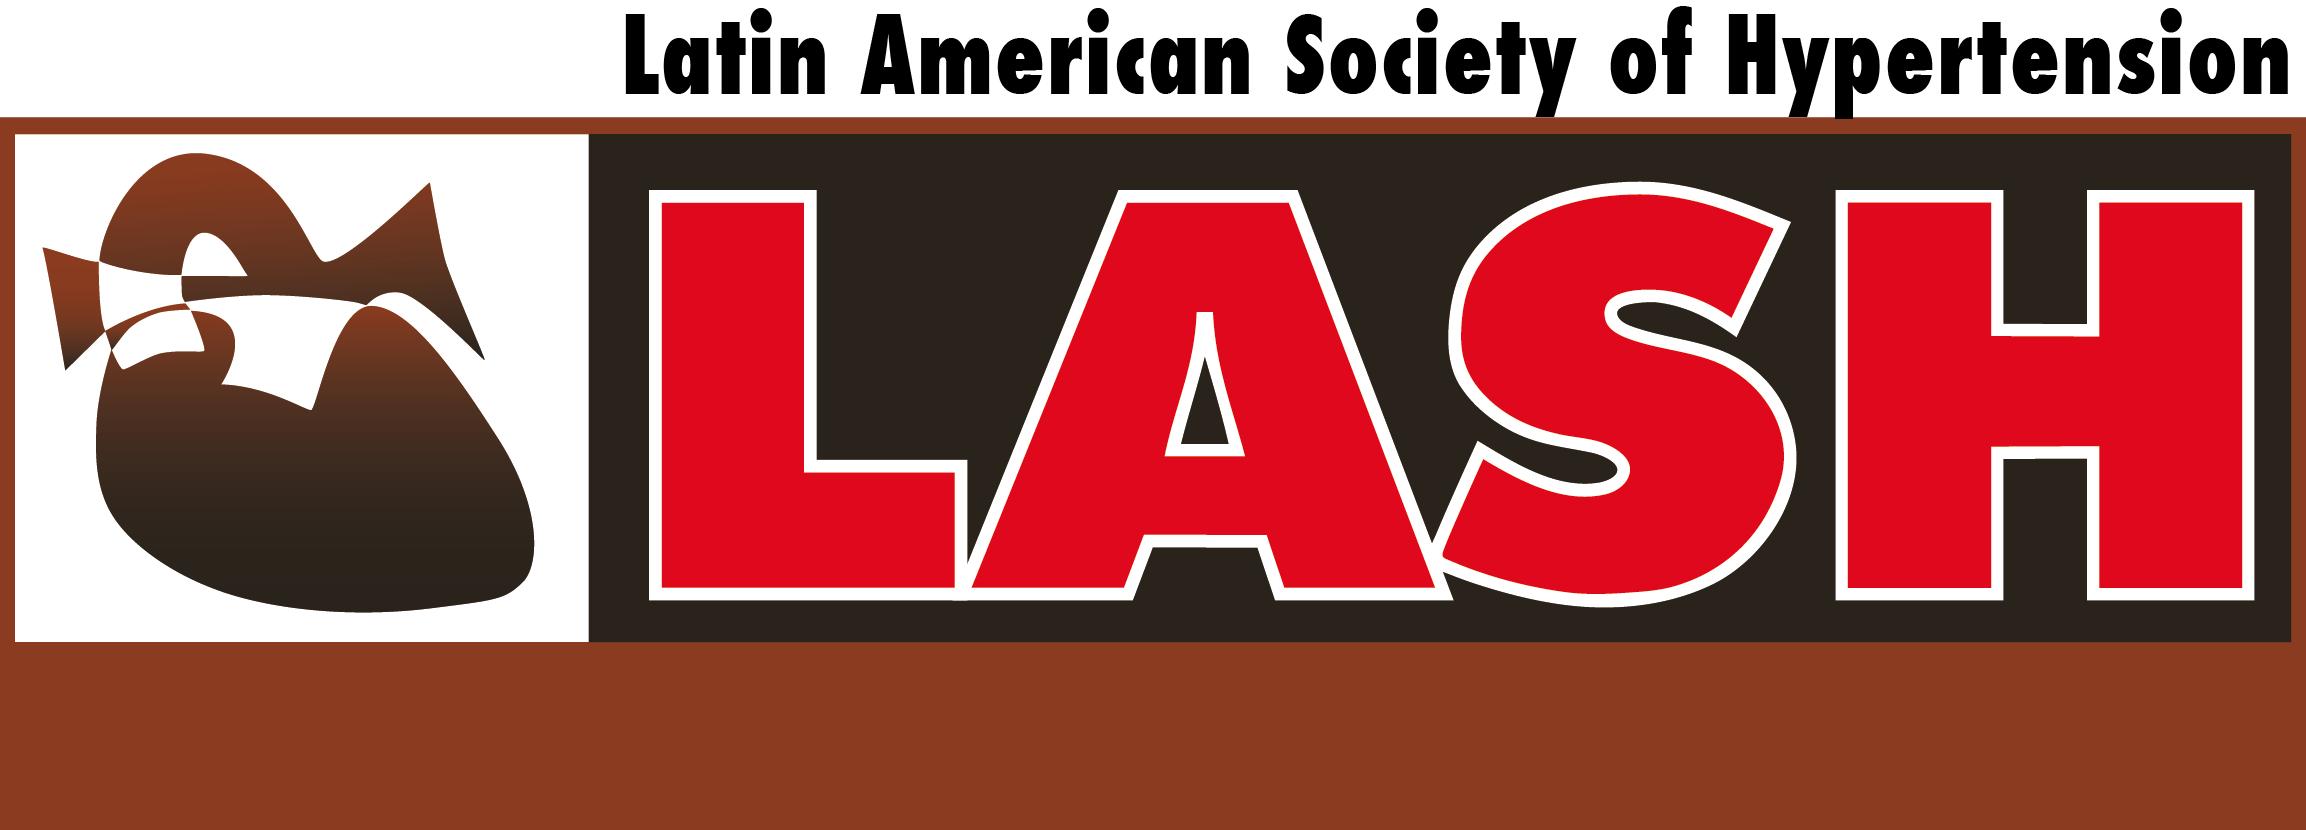 Logo Latin American Society of Hypertension